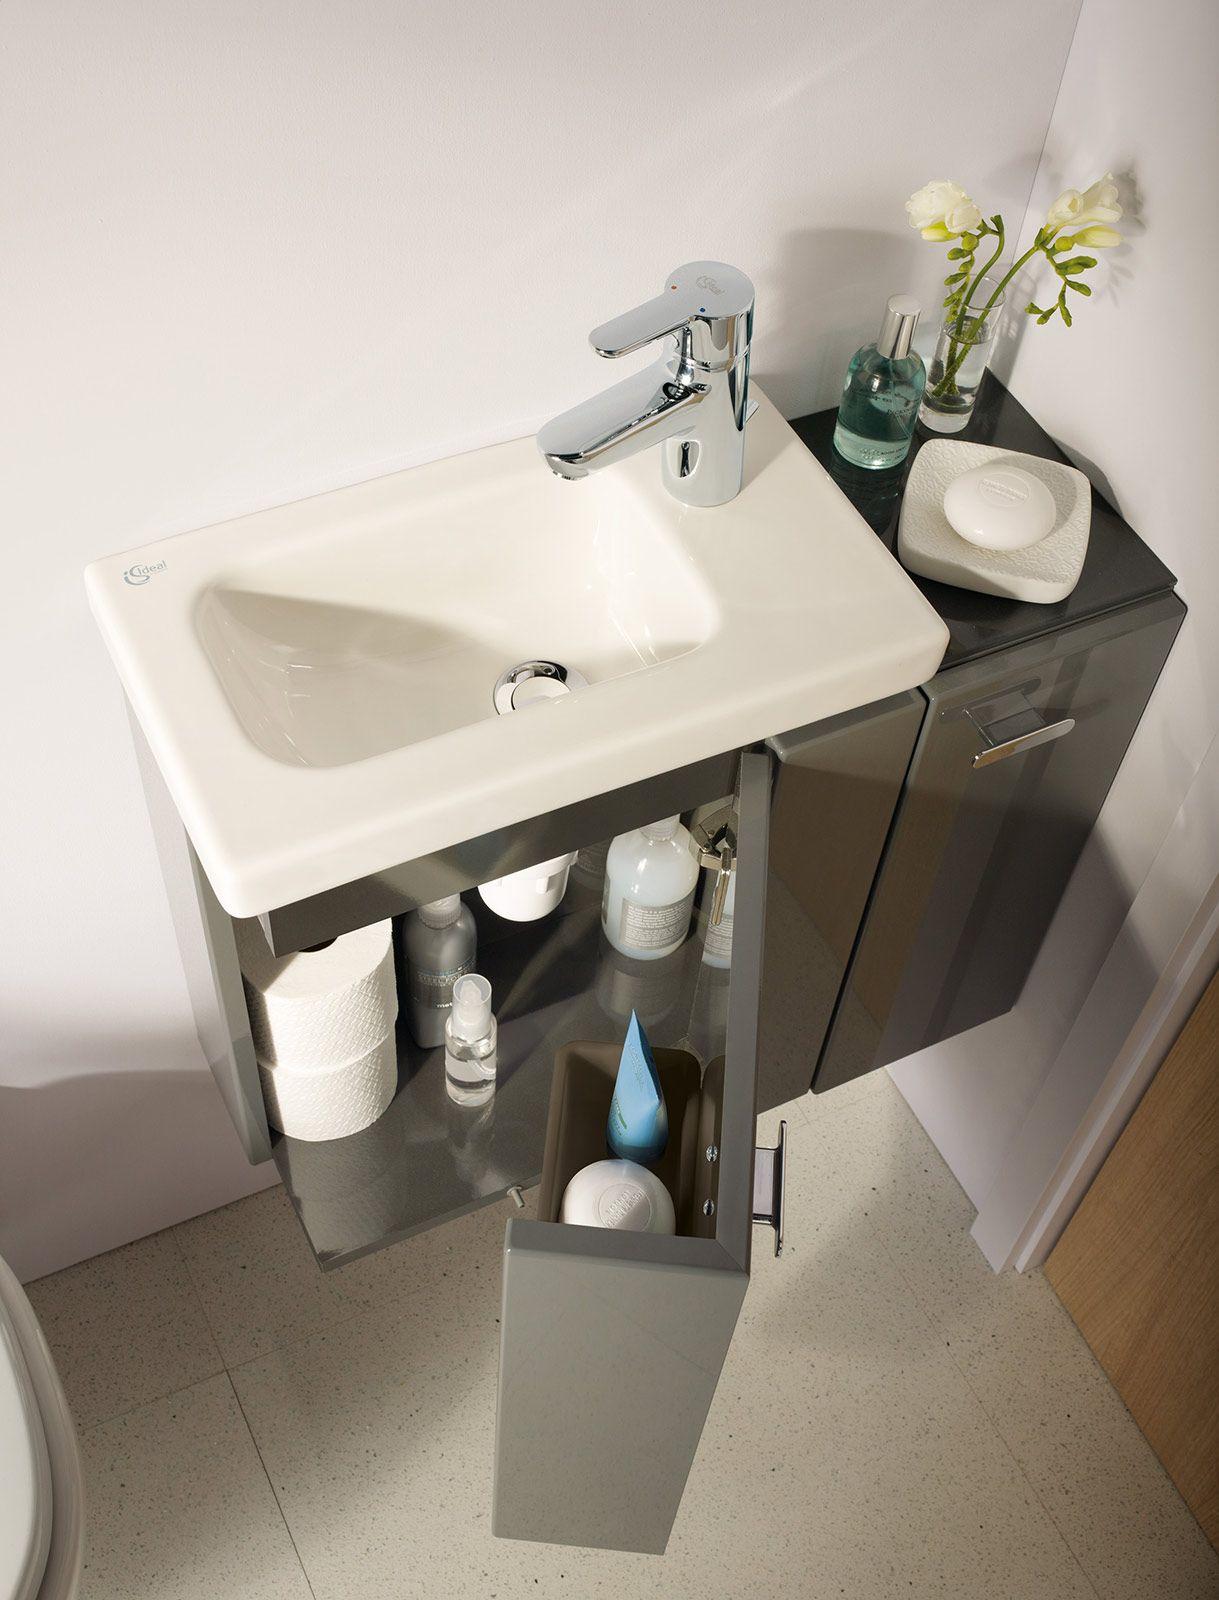 bagno piccolo, soluzioni piccole - cose di casa | idee bagno ... - Bagno Piccolo Soluzioni